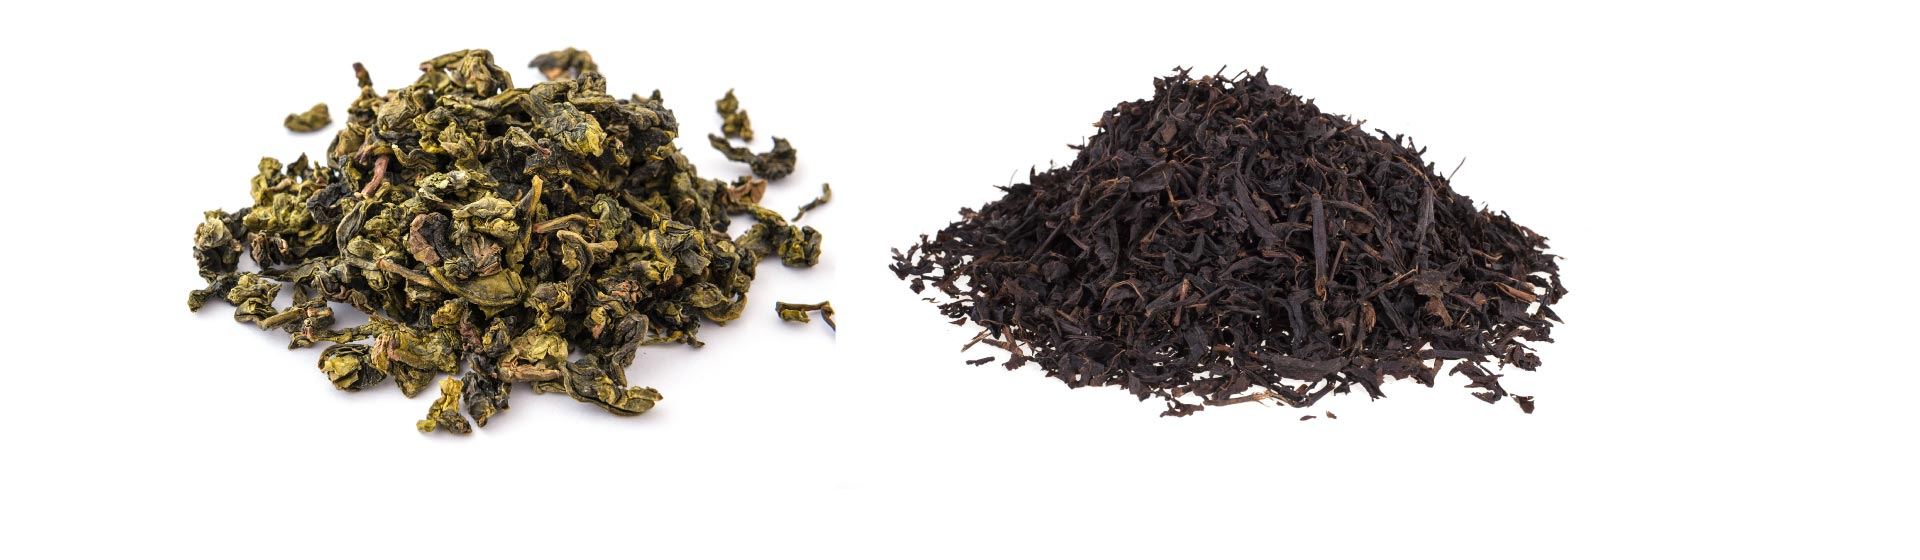 چای شمال در بازار چای